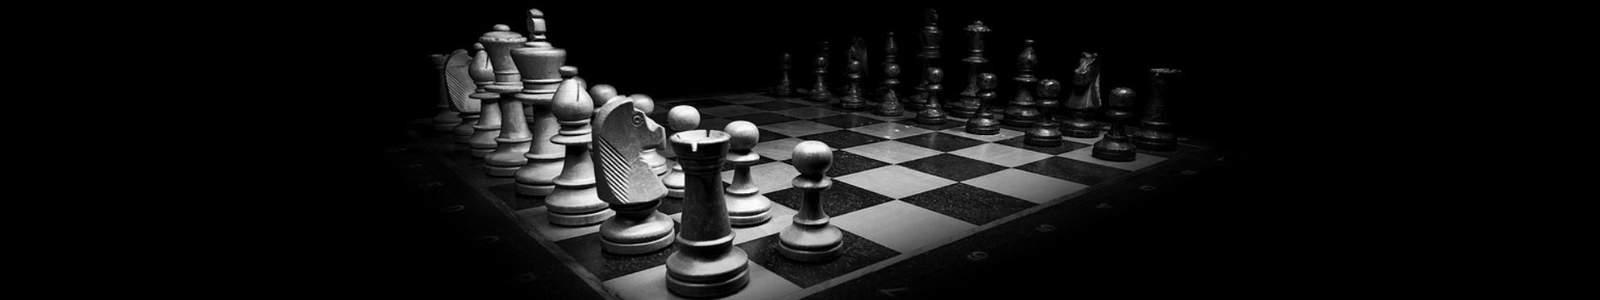 Chess62